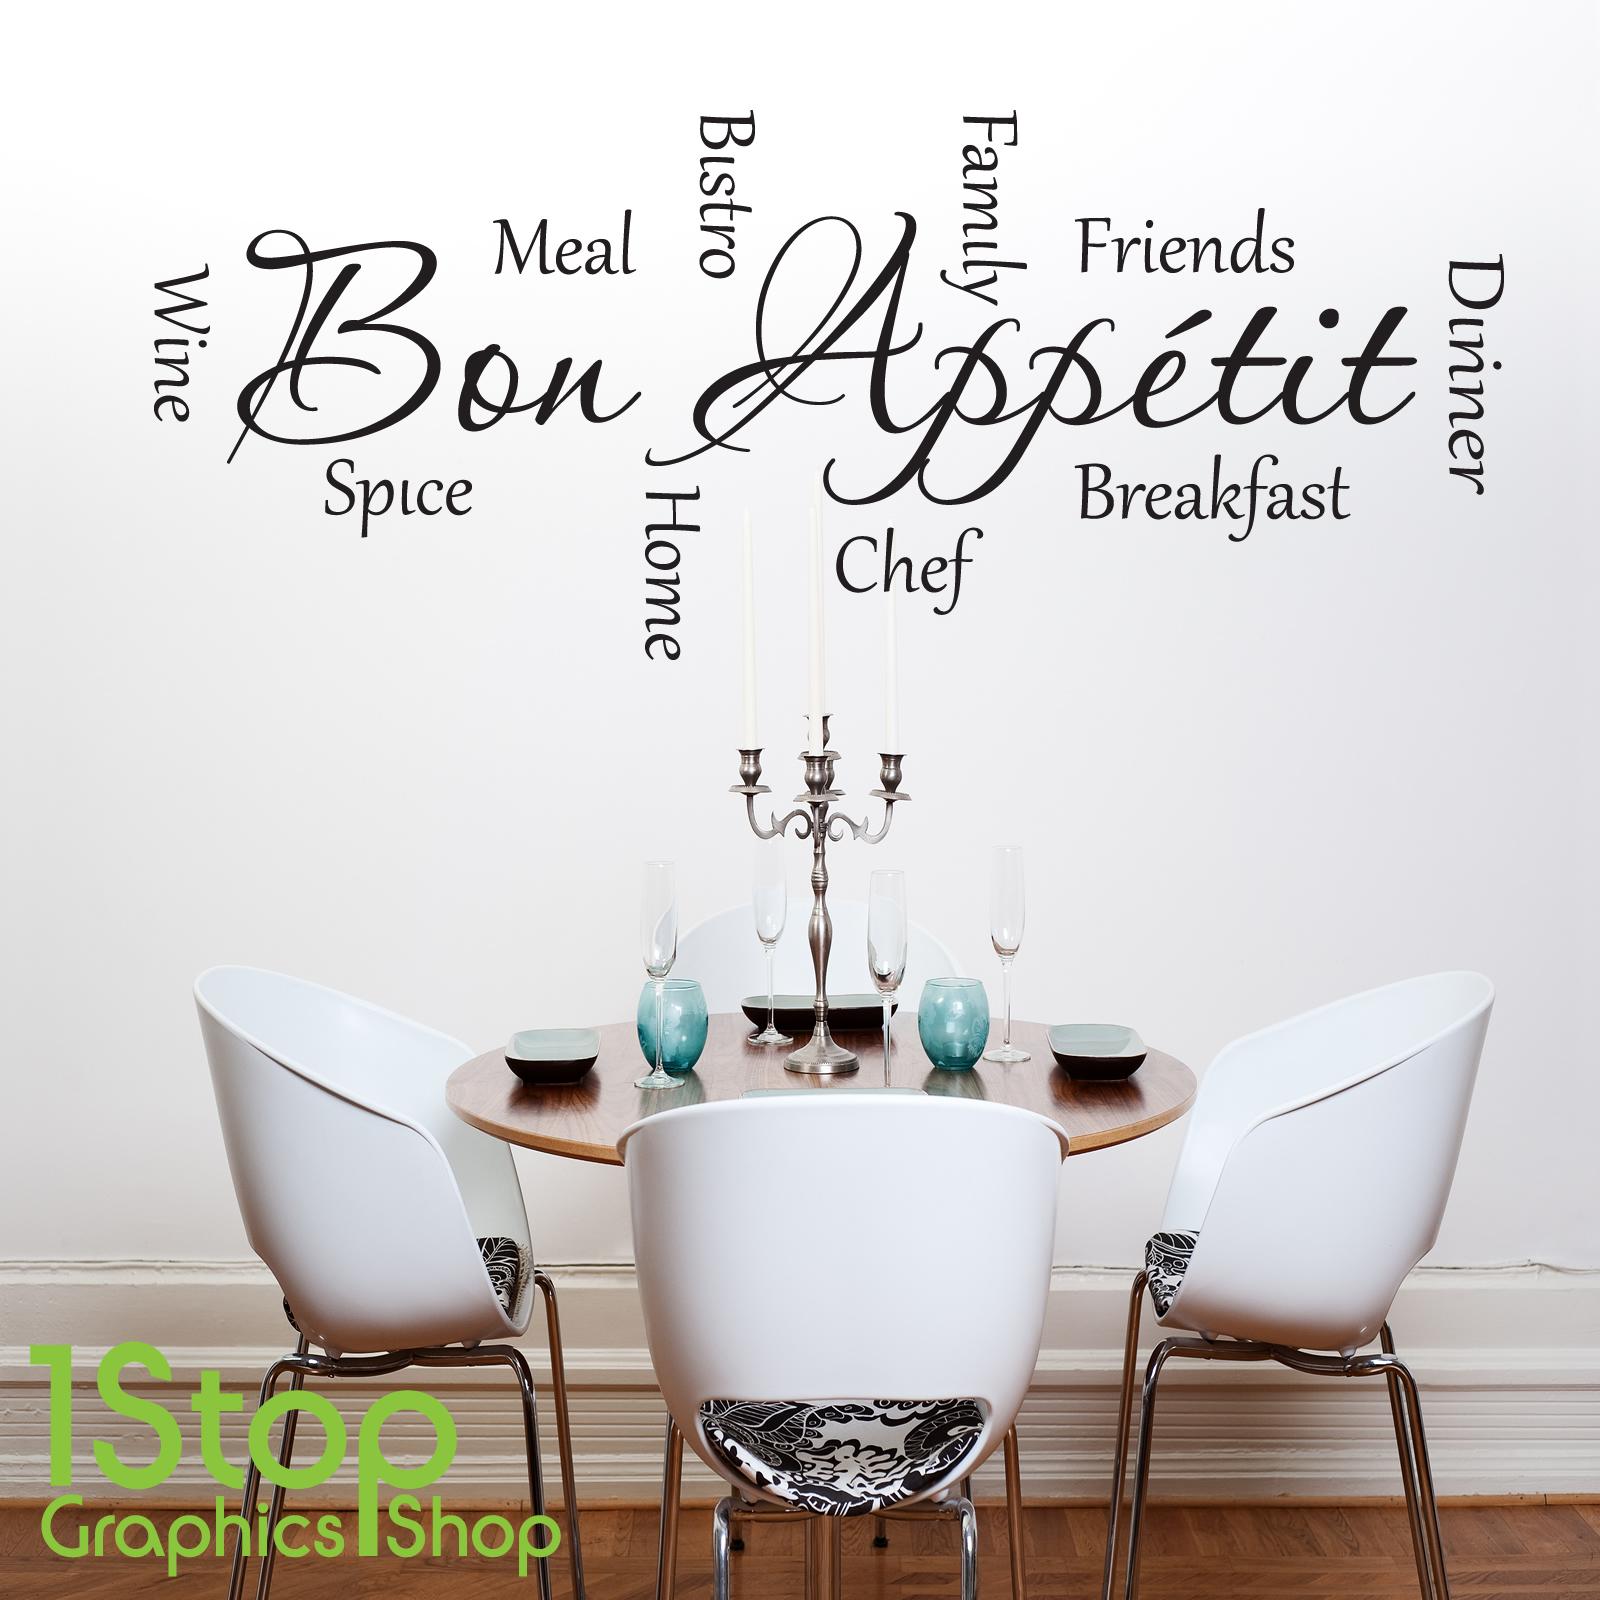 Bon appetit citation autocollant mural cuisine maison d co d calcomanie x281 ebay - Stickers pour cuisine decoration ...